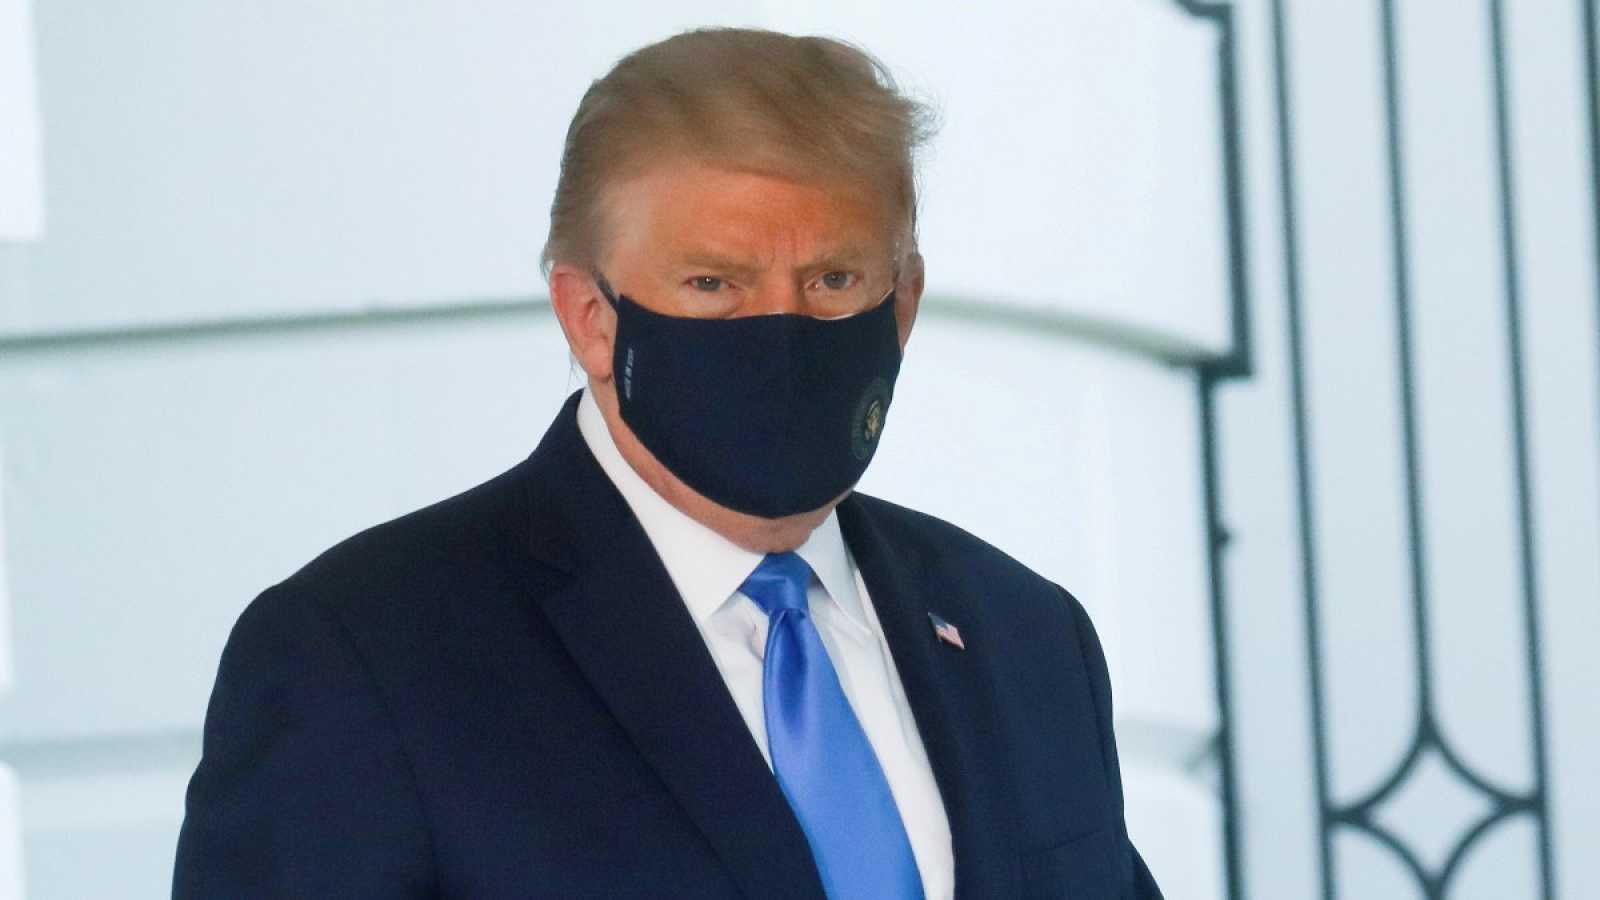 Trump tuvo fiebre y necesitó xígeno complementario, según sus médicos